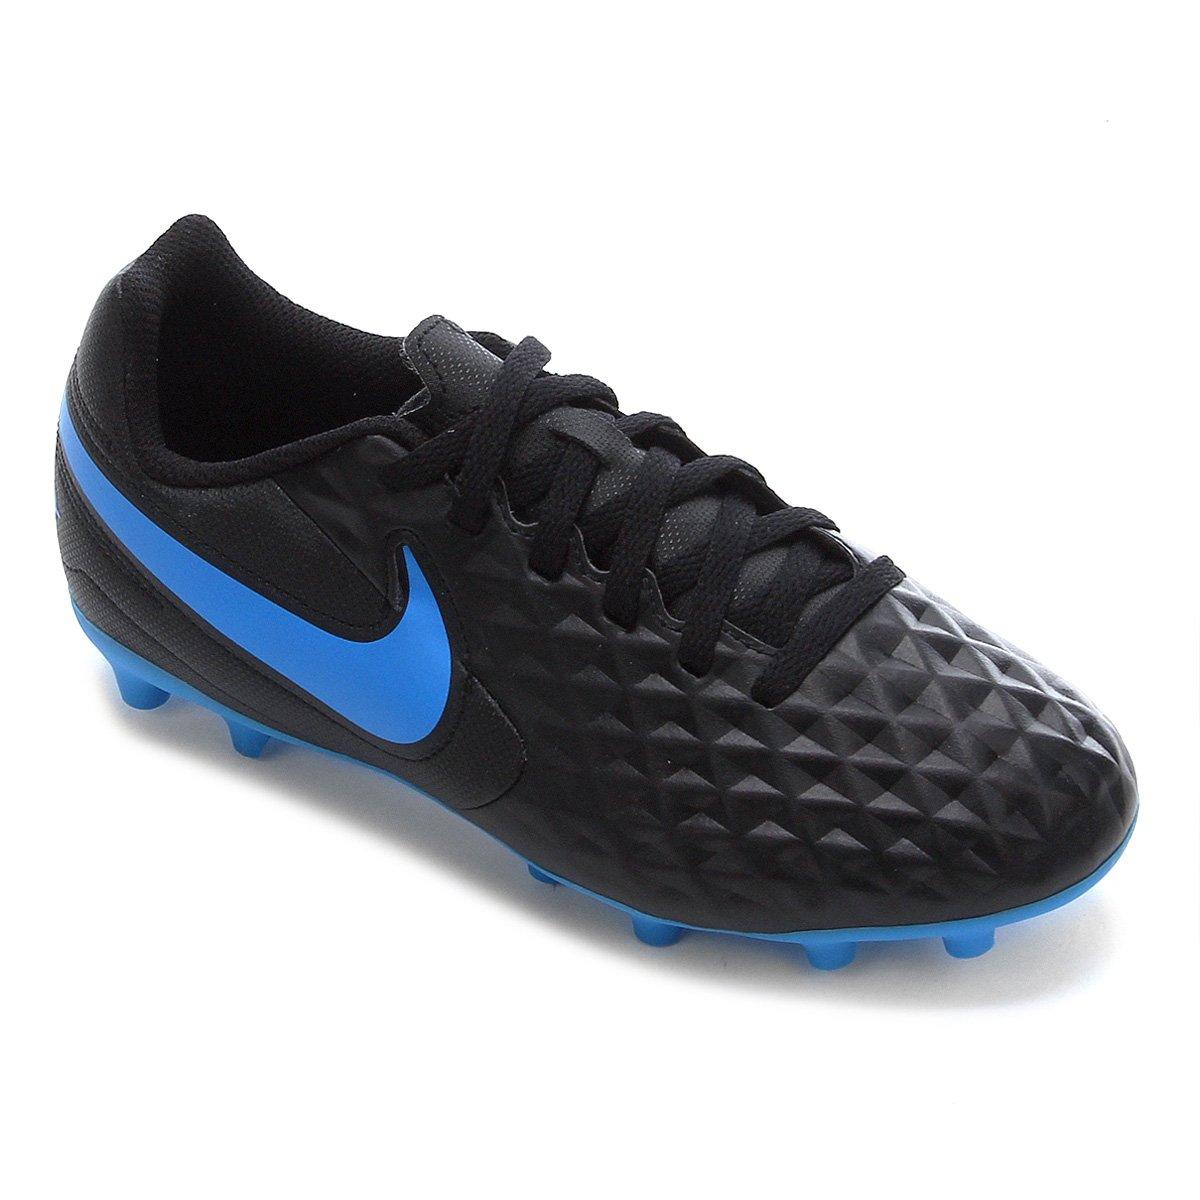 Chuteira Campo Juvenil Nike Tiempo Legend 8 Club FG/MG - Preto e Azul